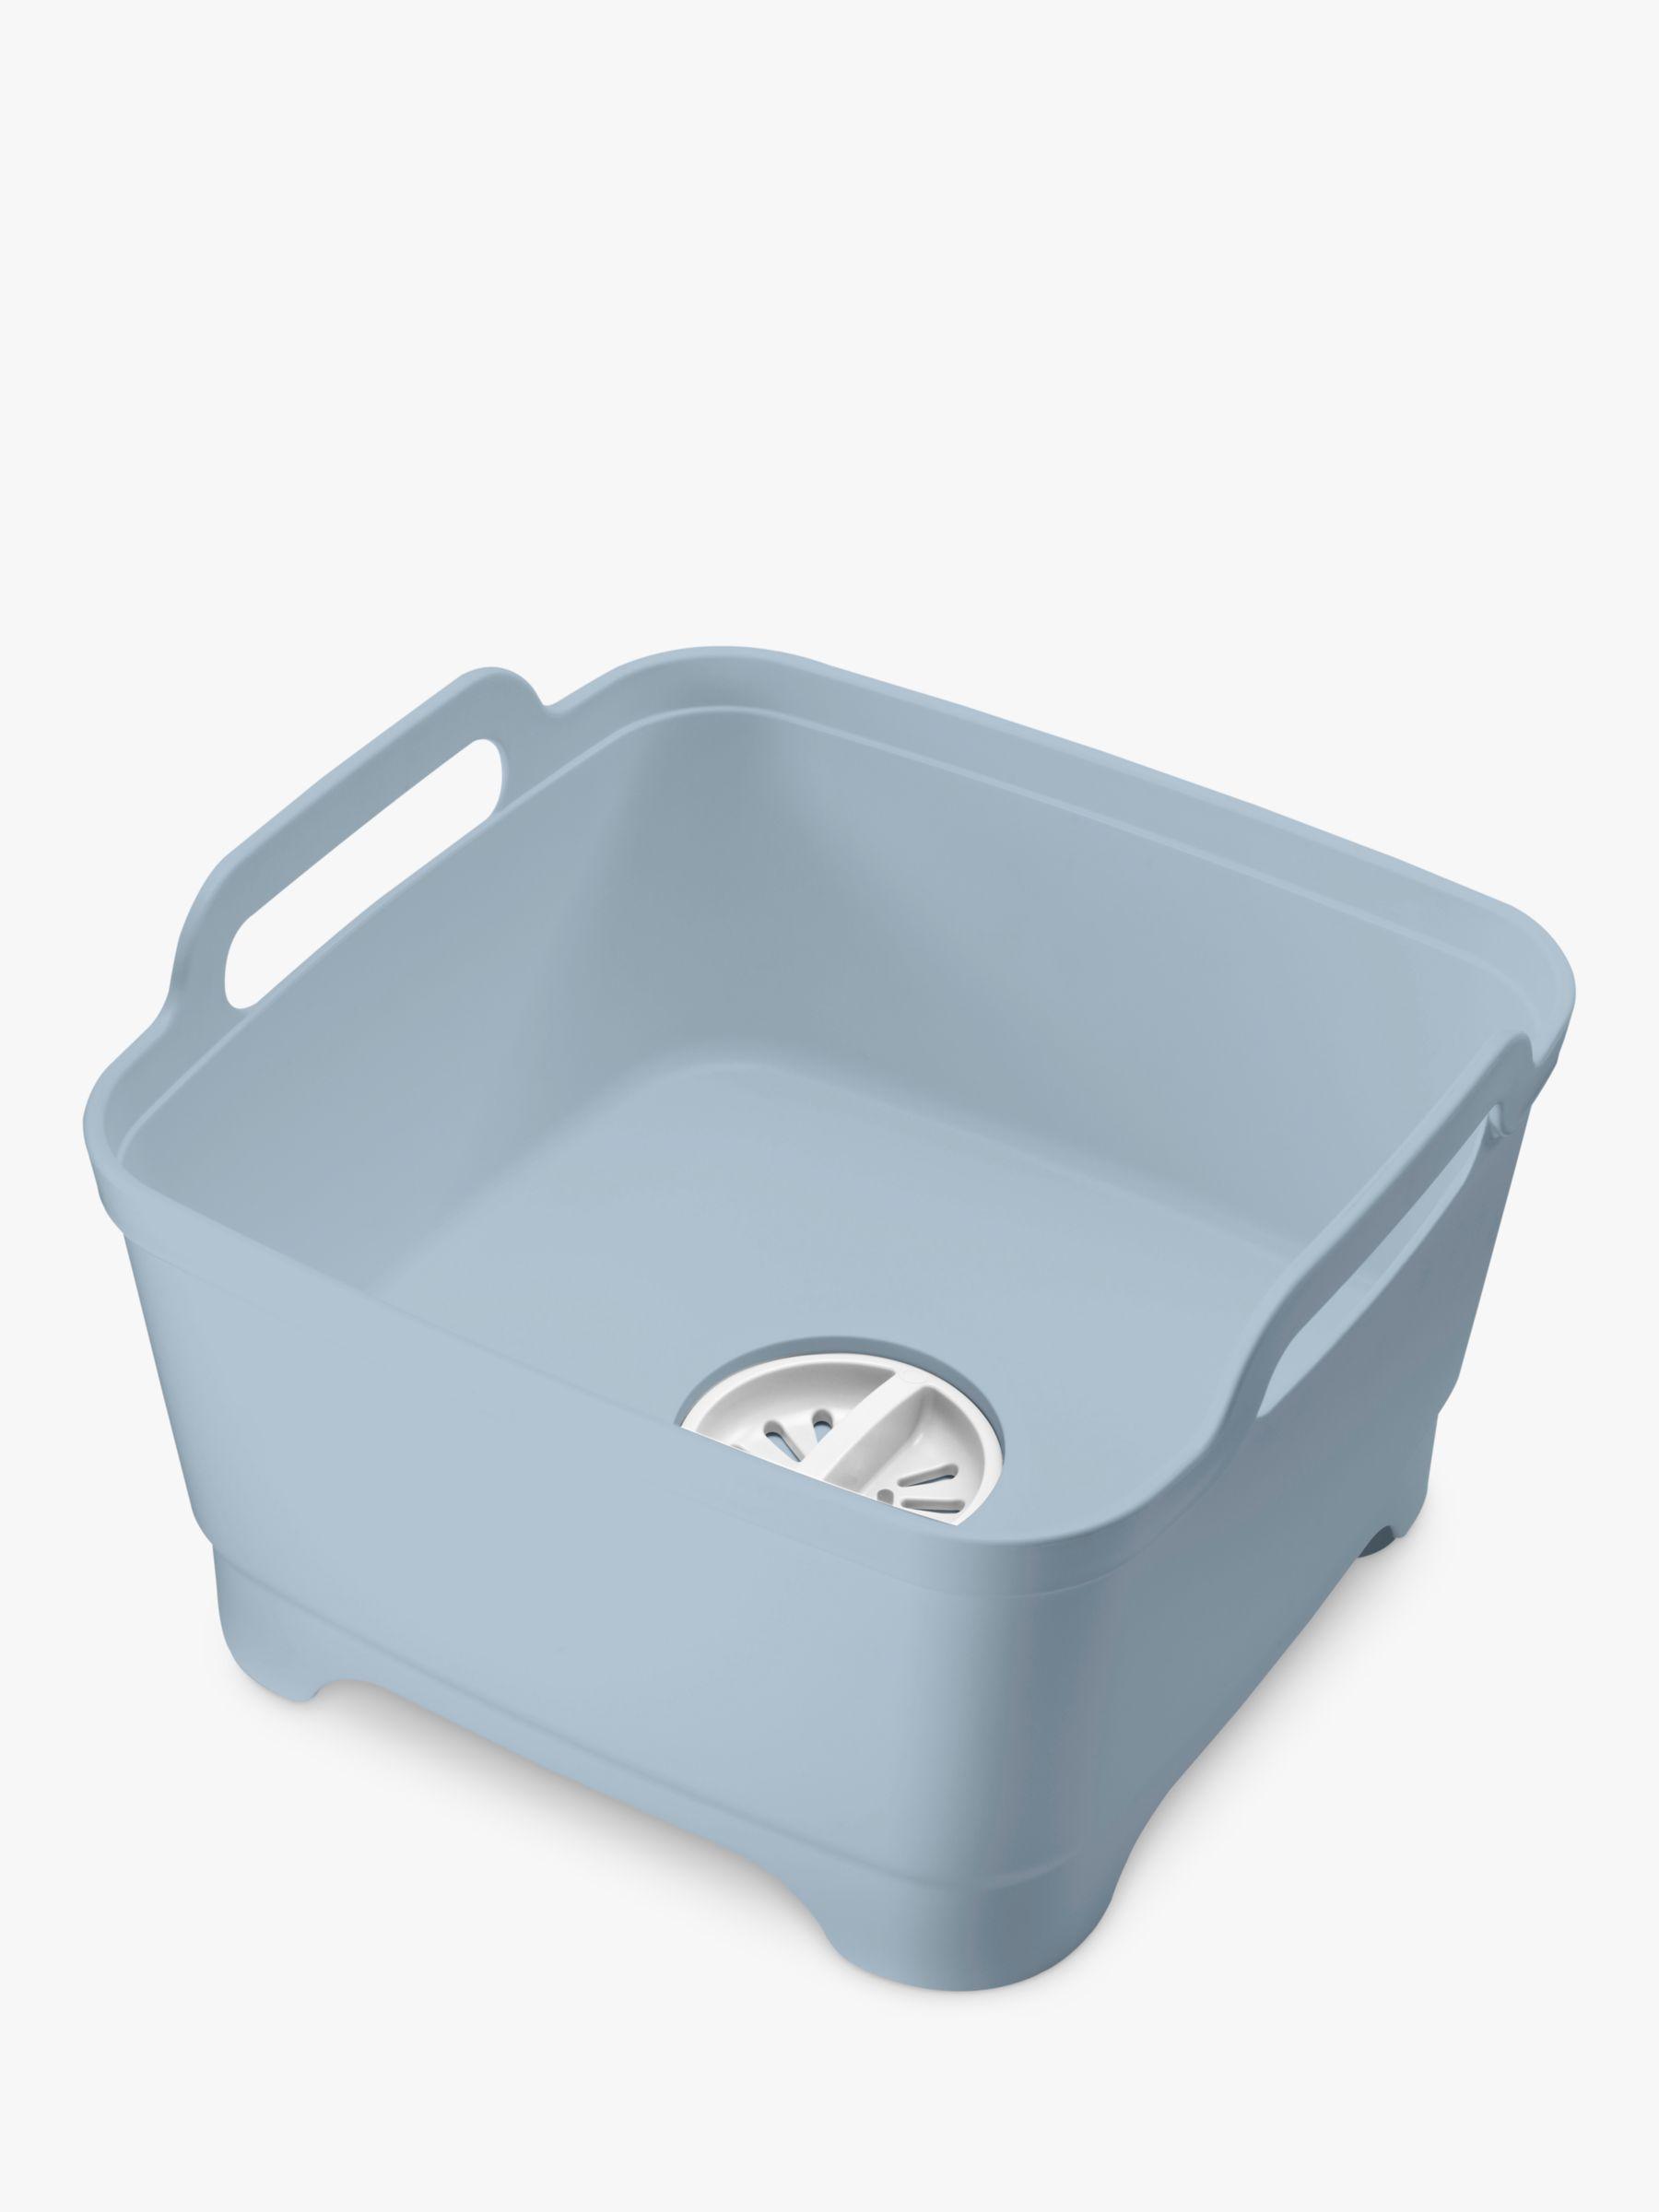 Joseph Joseph Joseph Joseph Wash & Drain Washing-Up Bowl, Blue Grey